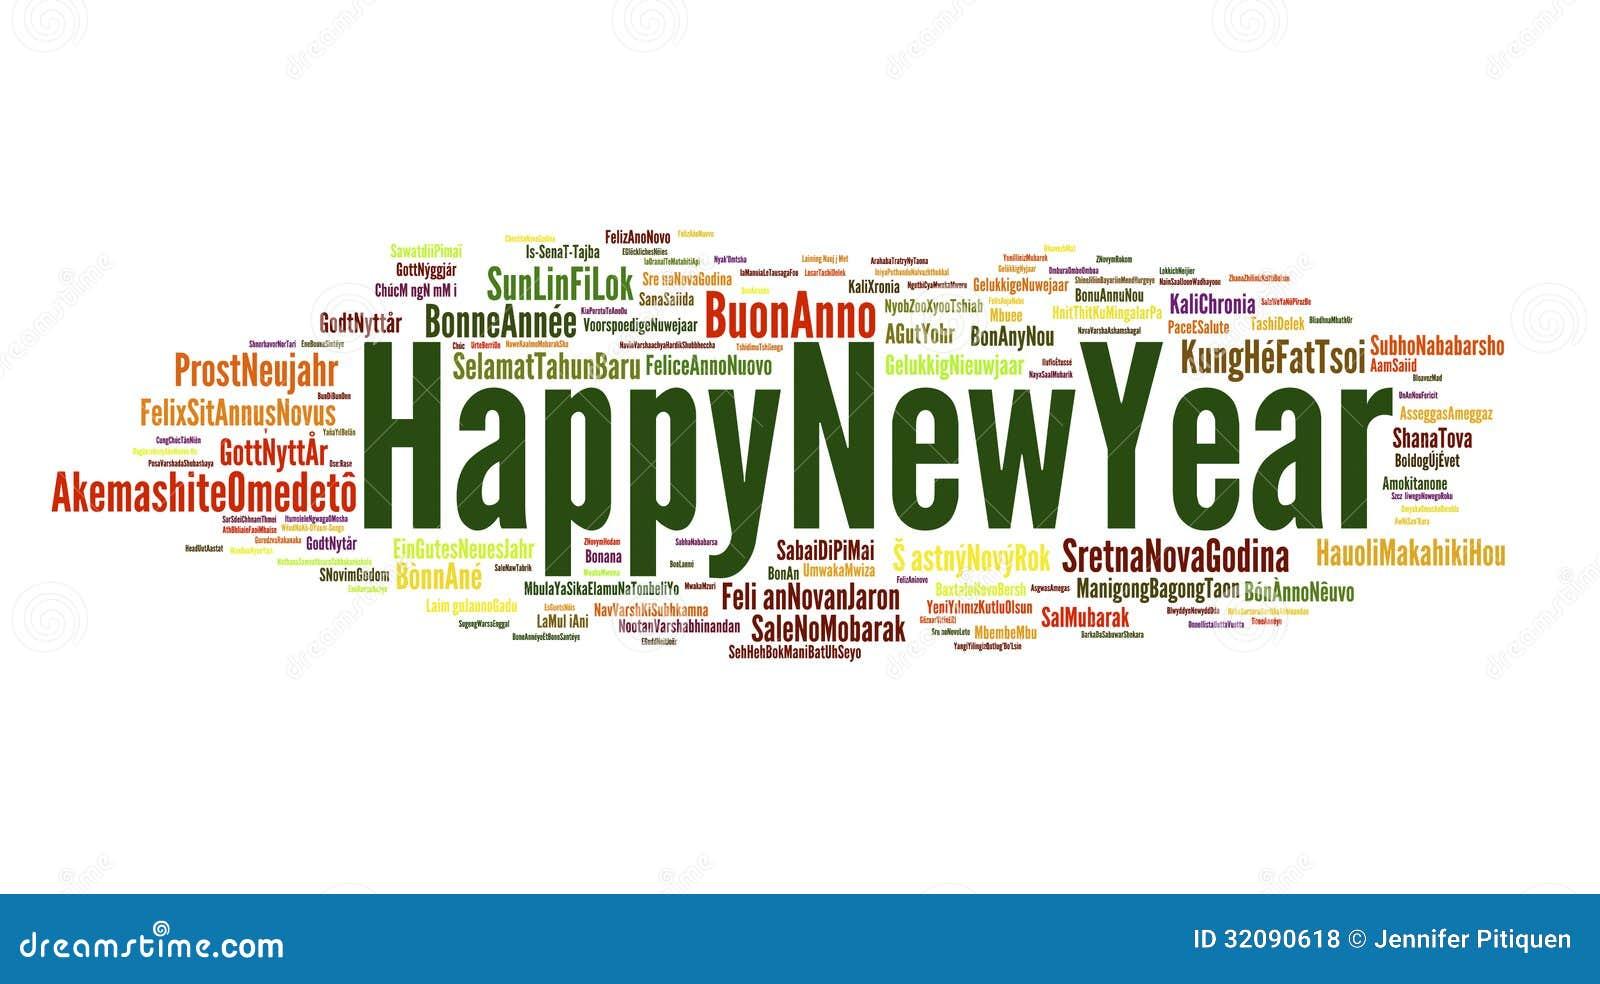 Bonne ann e photos libres de droits image 32090618 - Bonne annee dans toutes les langues ...